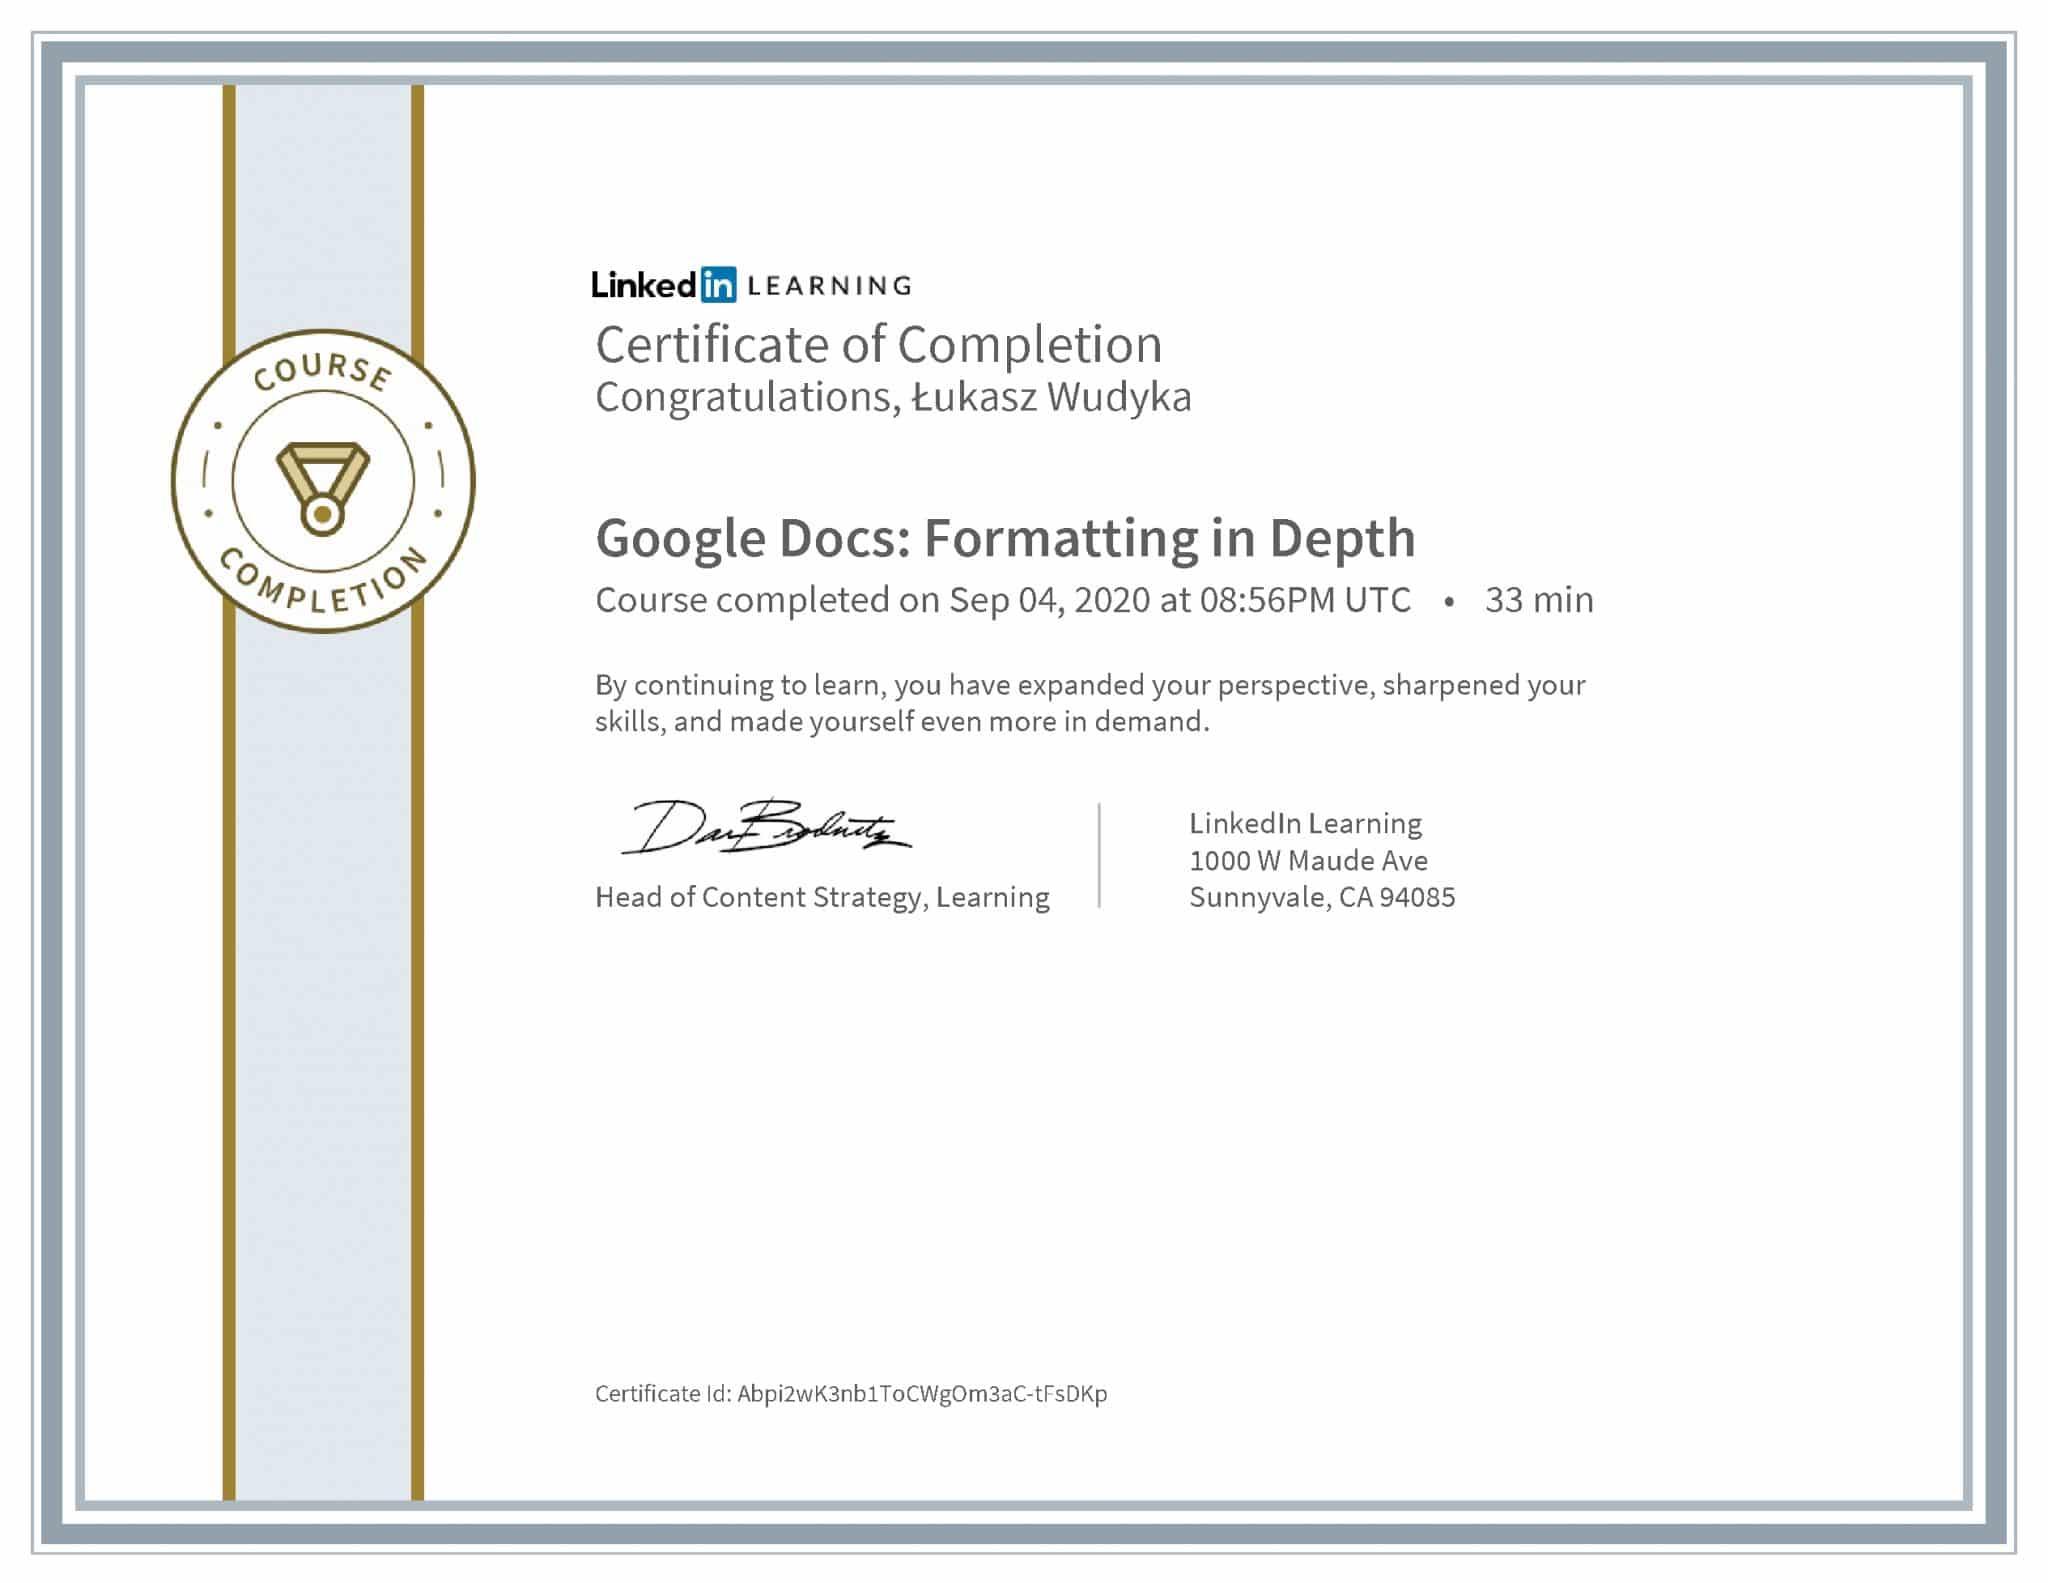 Łukasz Wudyka certyfikat LinkedIn Google Docs: Formatting in Depth